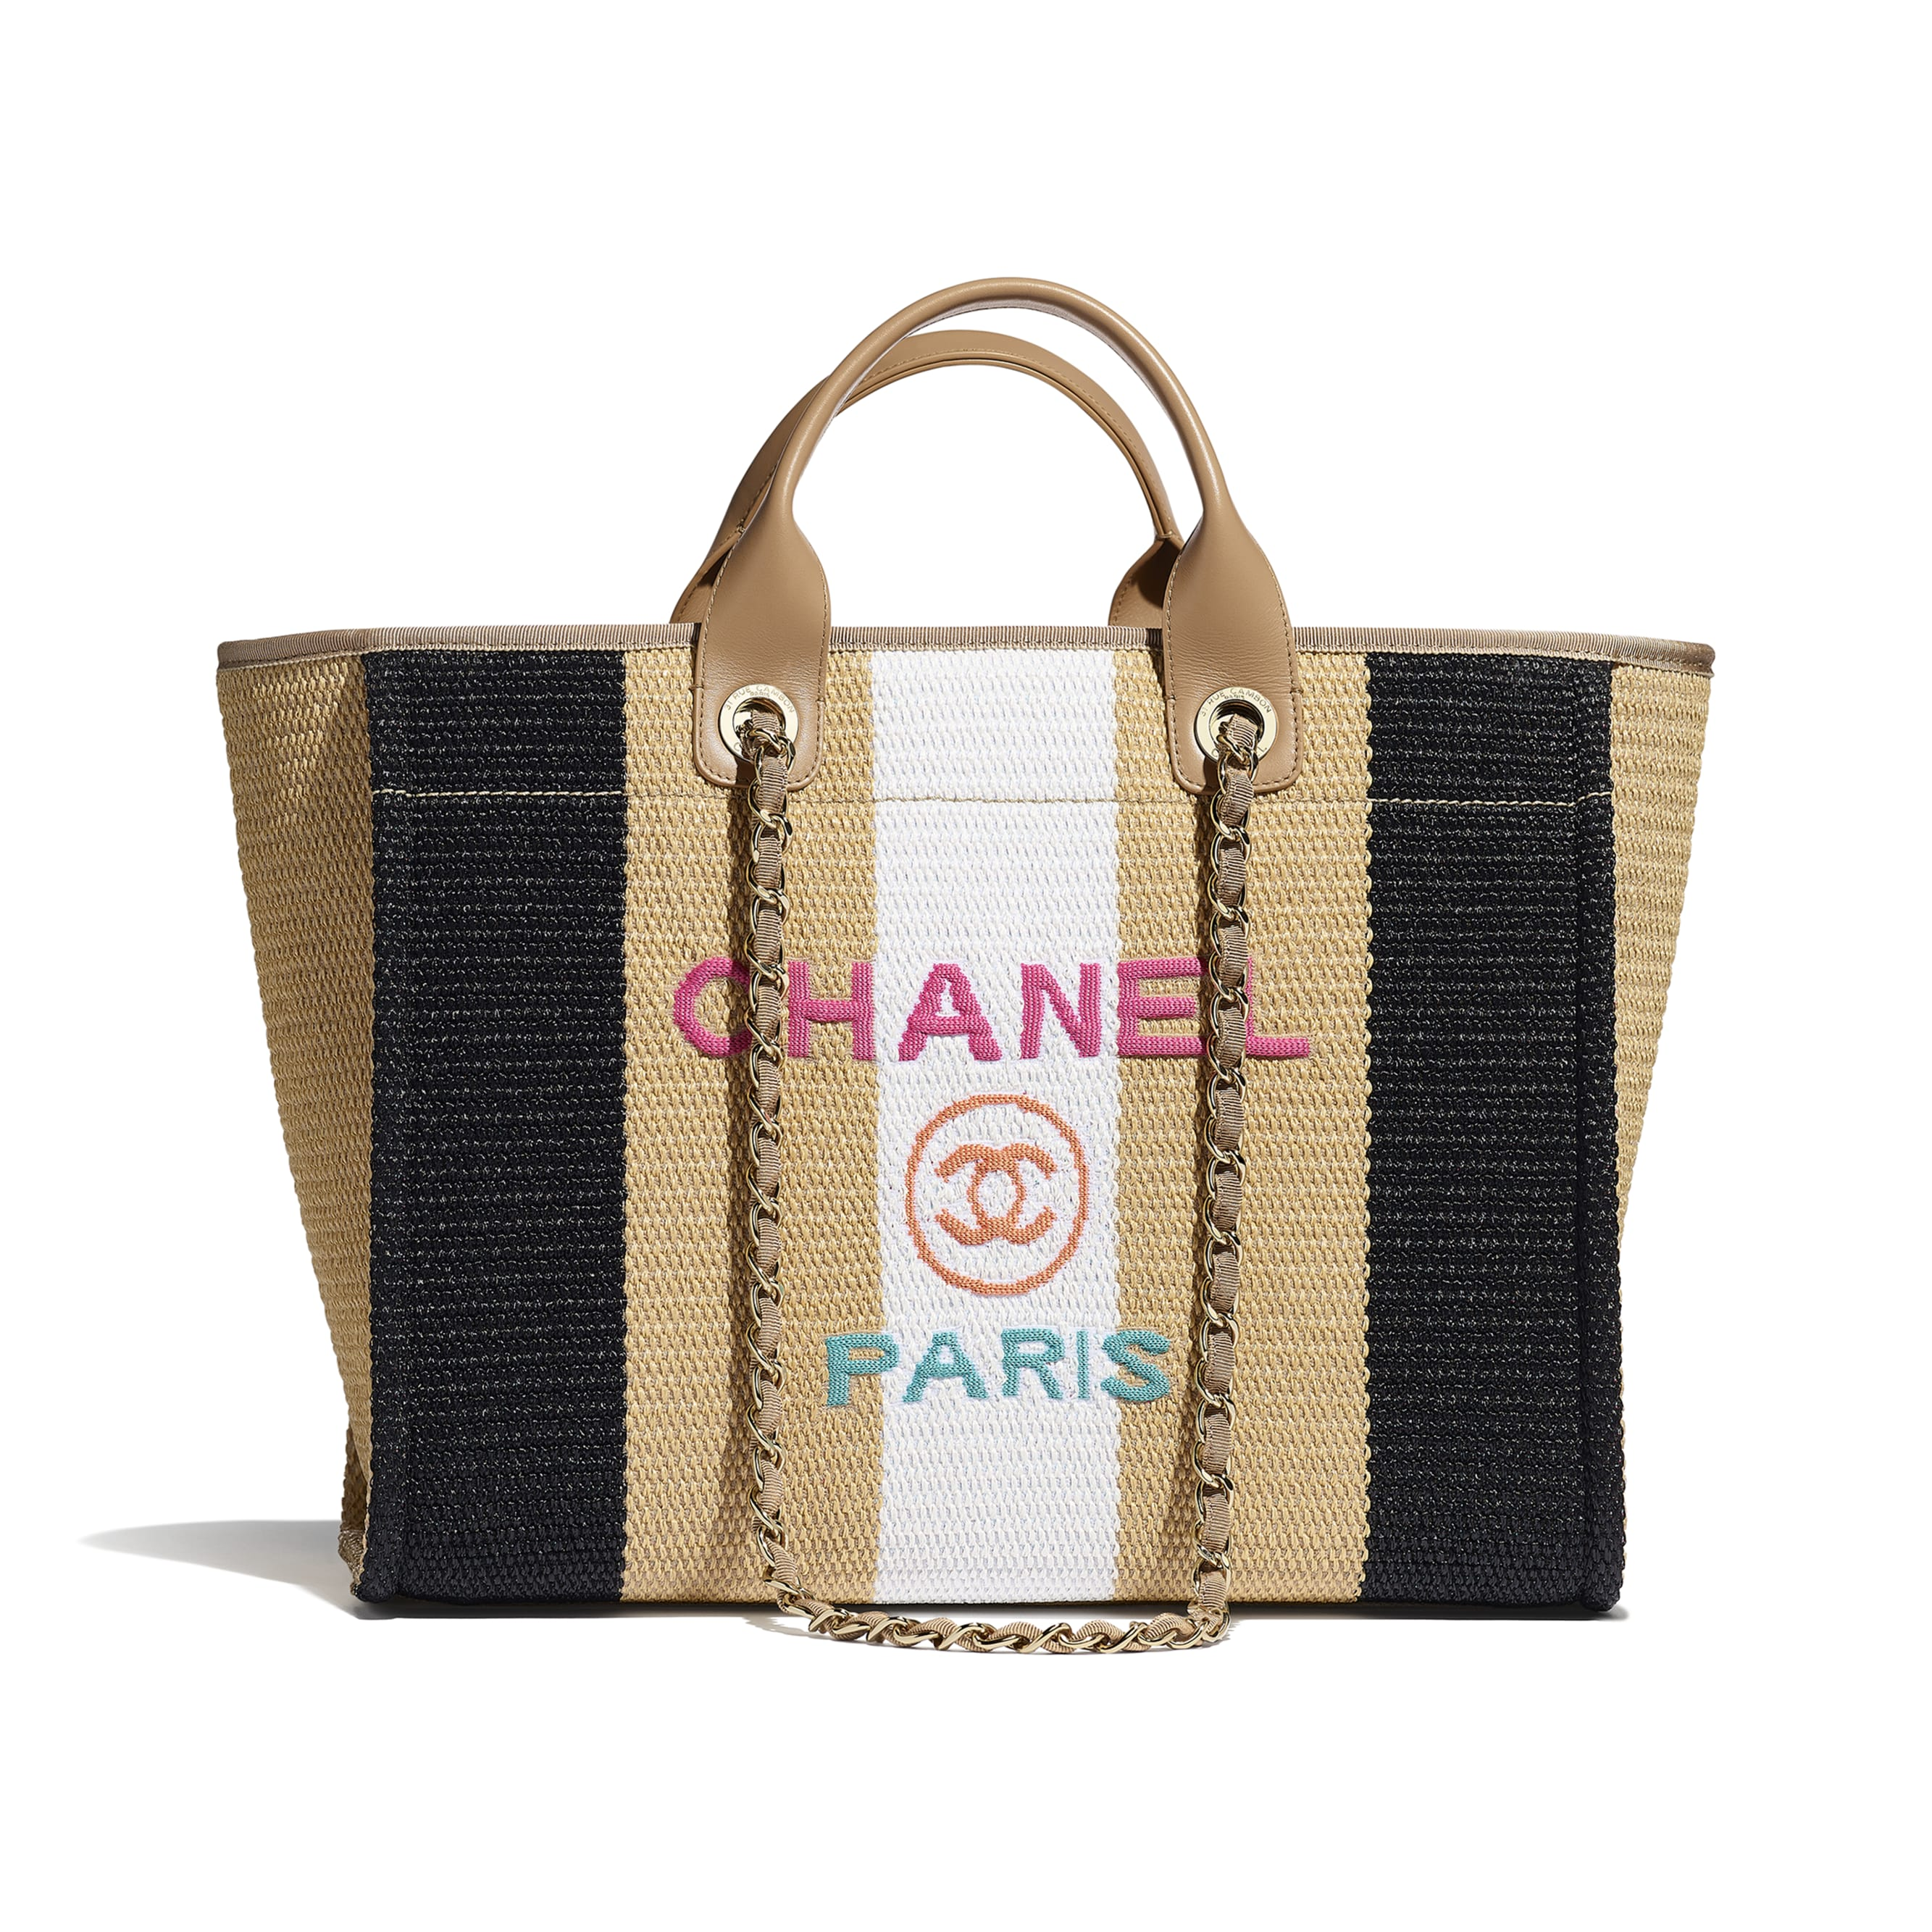 購物包 - 米、黑 & 象牙白 - 人造絲、小牛皮 & 金色金屬 - 預設視圖 - 查看標準尺寸版本